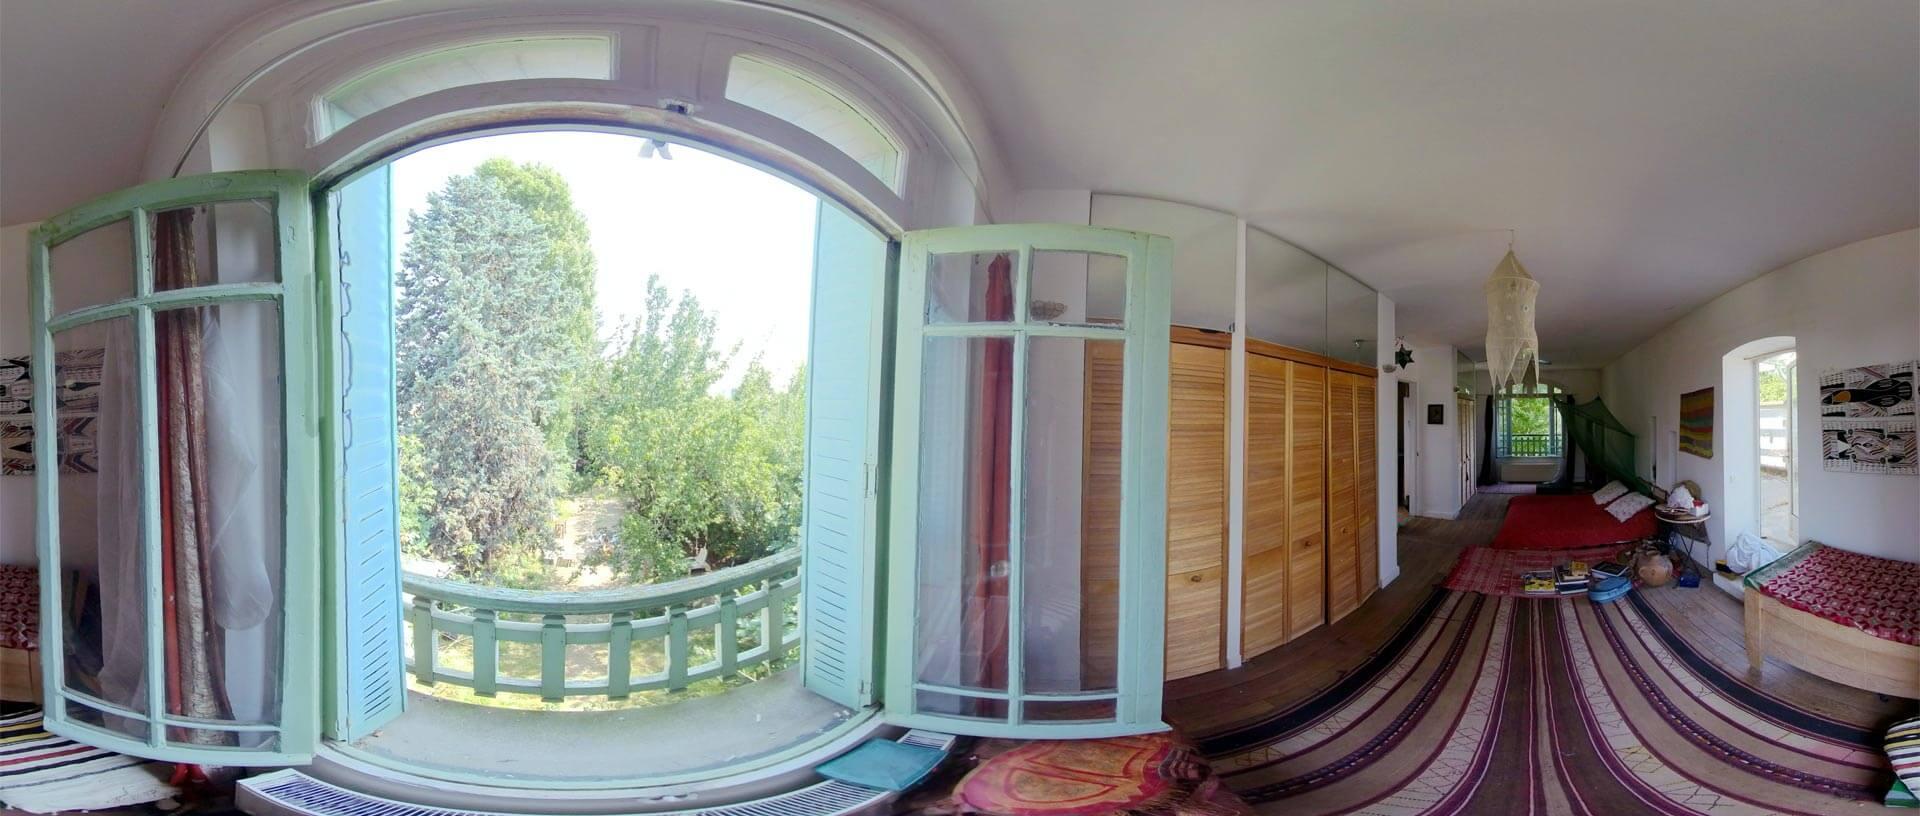 image de vidéo 360° d'une pièce par Kronos Productions